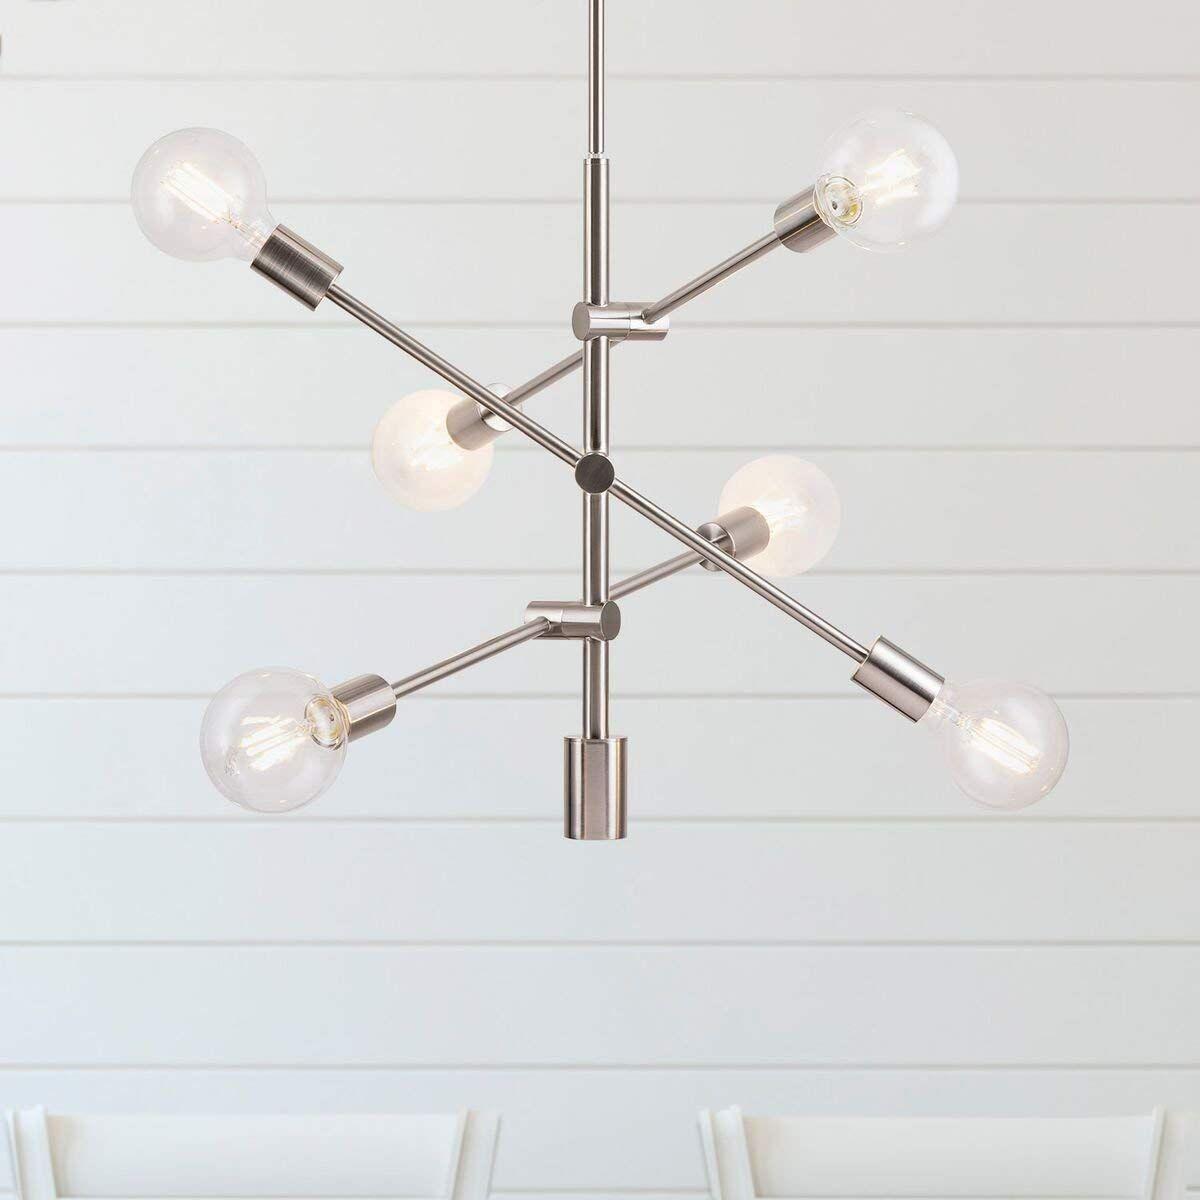 best loved aa296 f8989 Marabella LED Sputnik Chandelier Light Fixture, Brushed ...